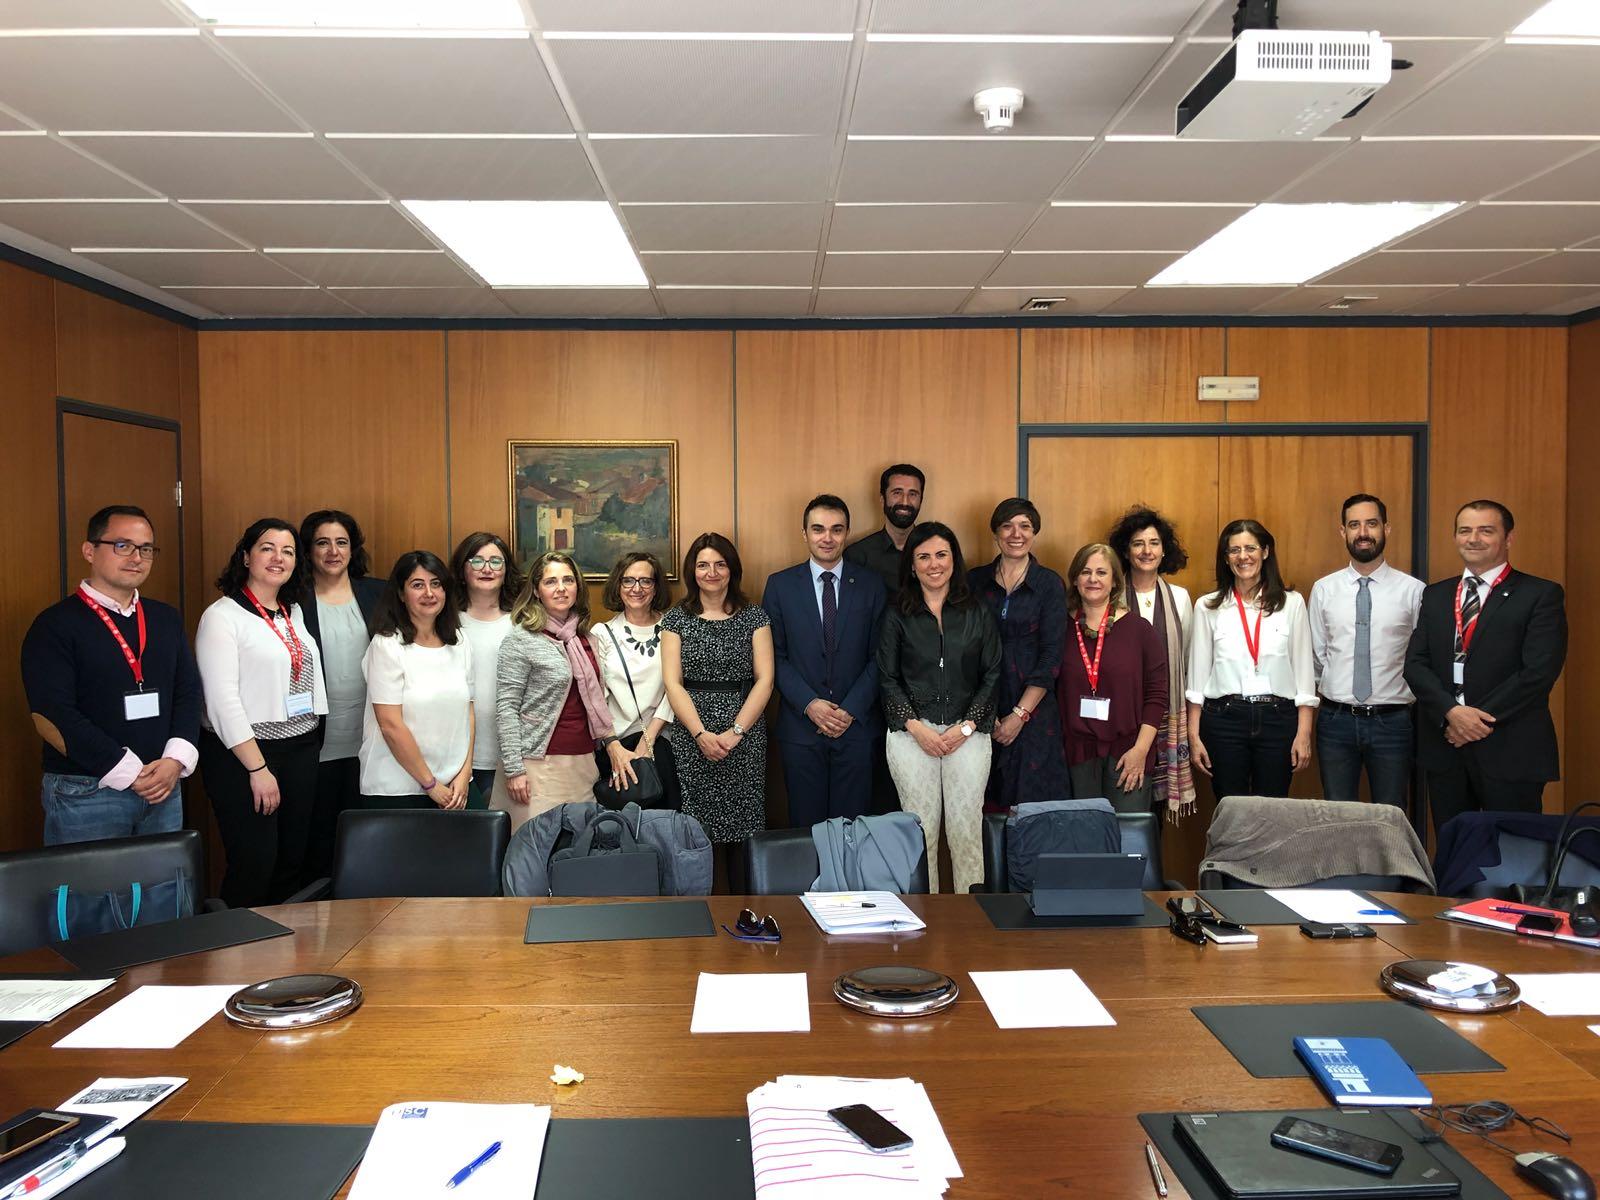 Rubio Armendáriz preside el grupo de trabajo de la sectorial de internacionalización y cooperación de la CRUE